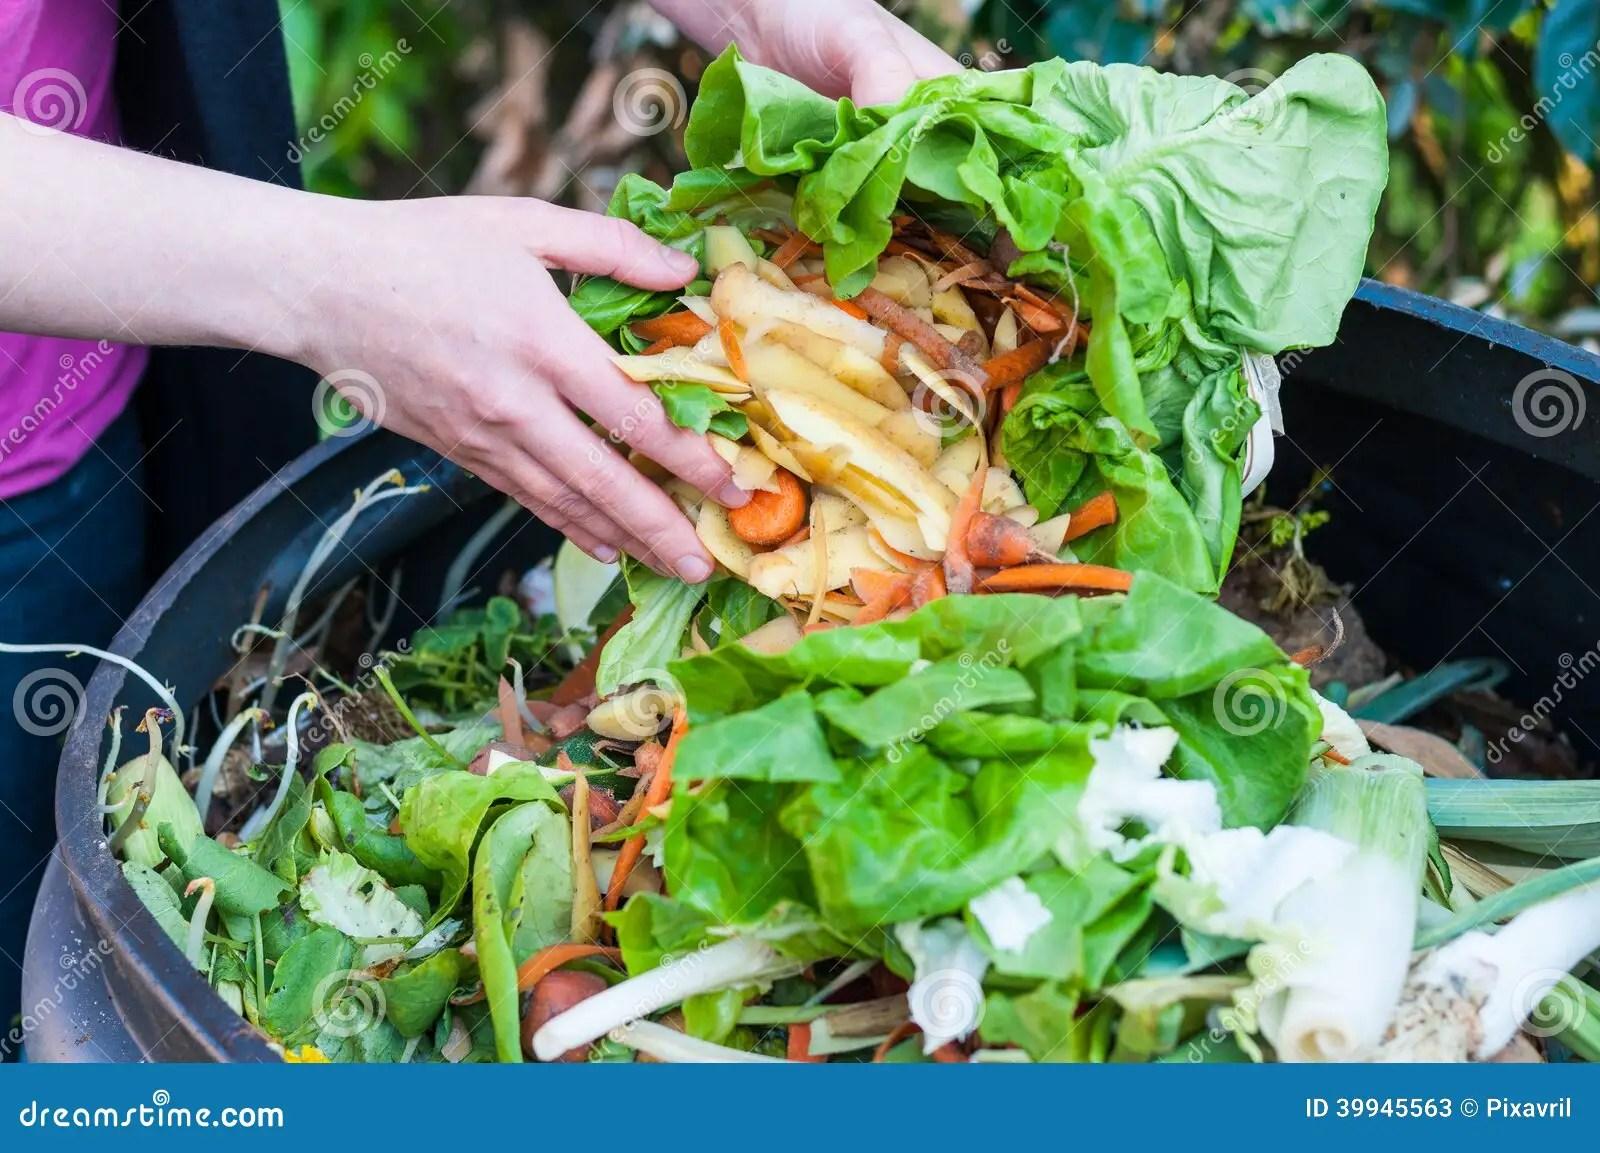 kitchen compost container play island 堆肥库存图片 图片包括有厨房 绿色 浪费 肥料 环境 容器 票据 堆肥厨房废物的妇女